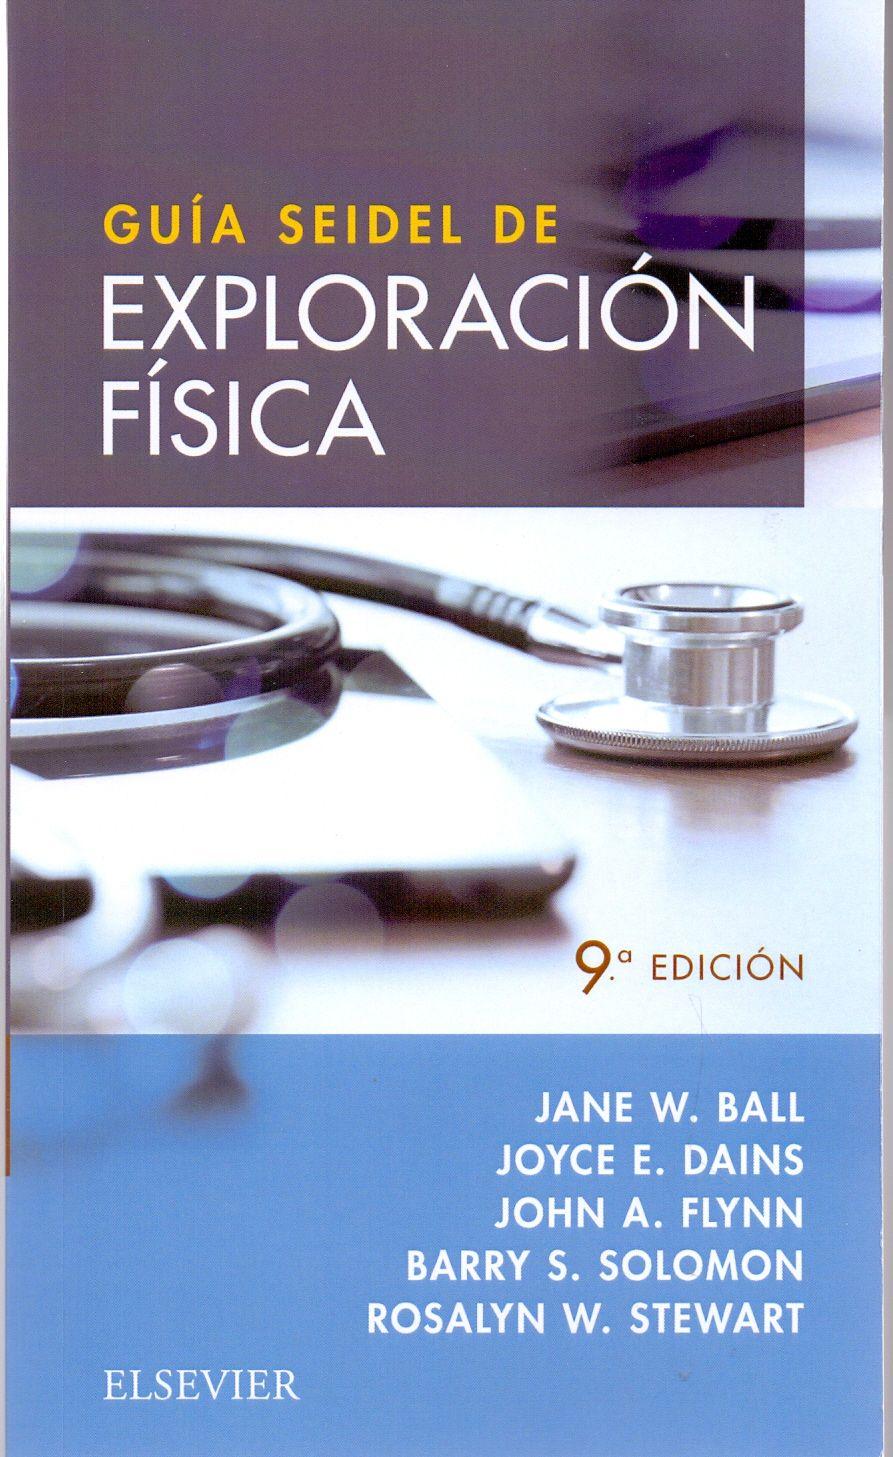 Guía Seidel de exploración física Enfermería quirúrgica